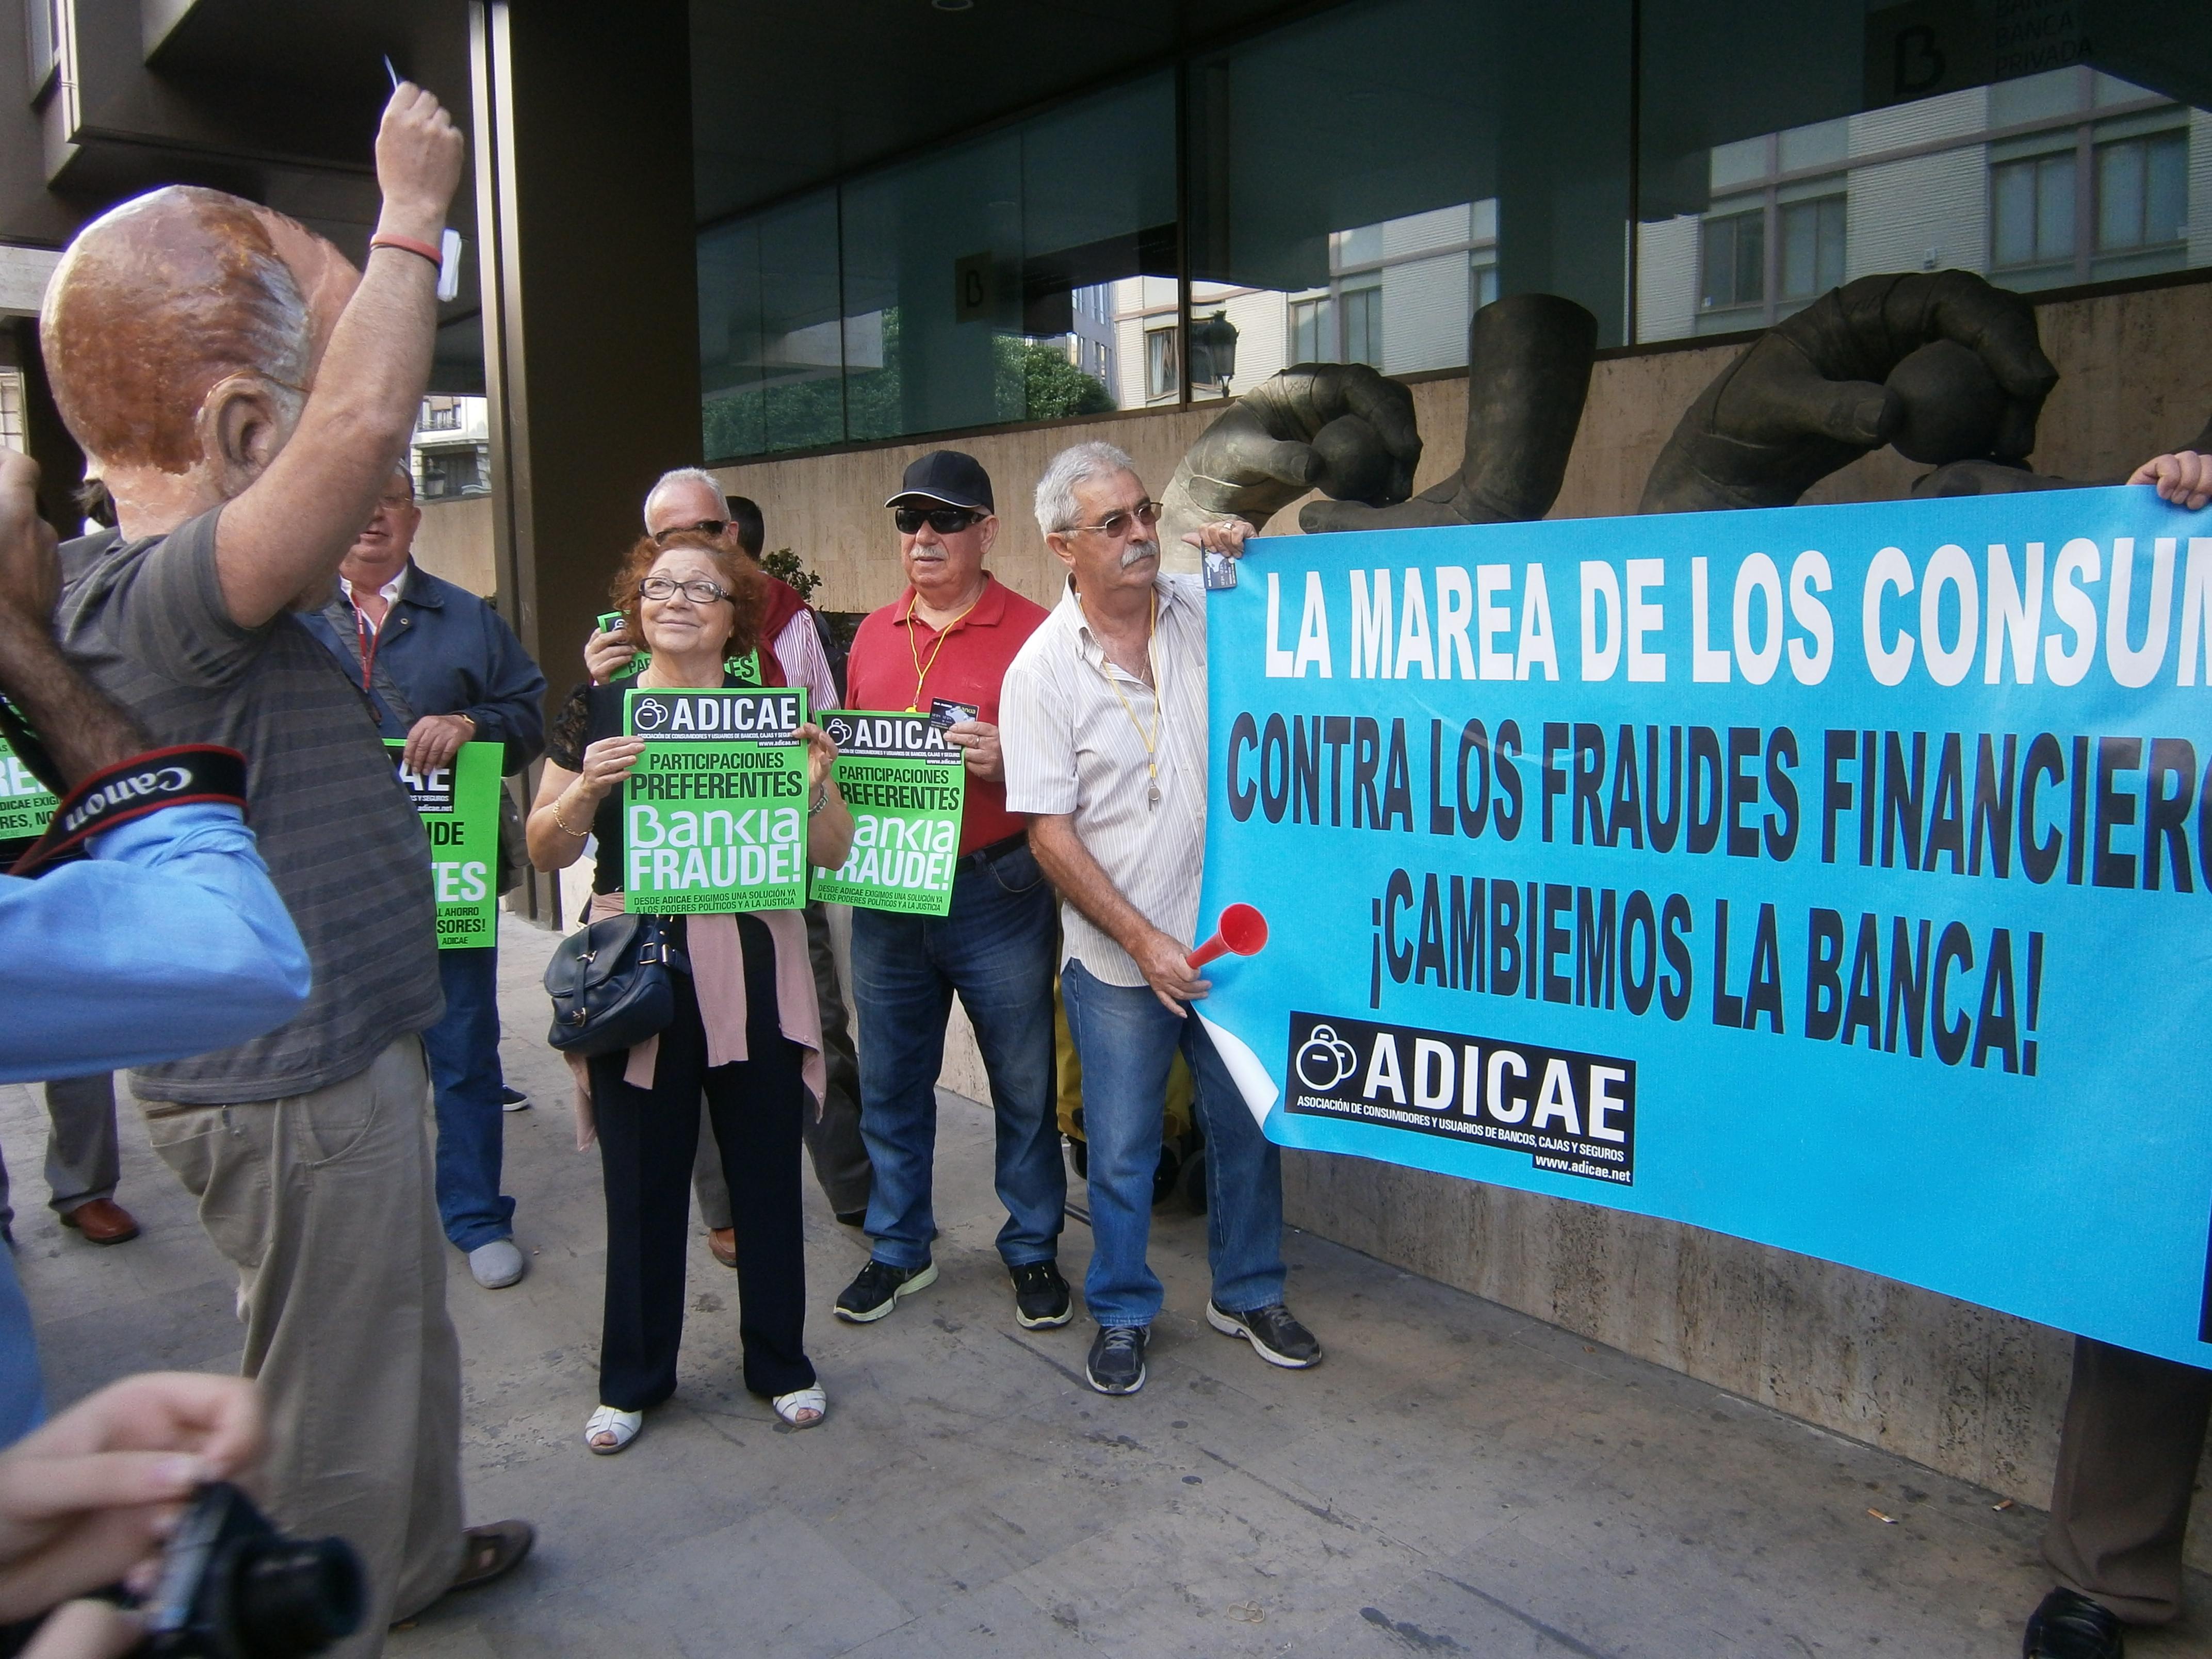 Día Mundial del Ahorro 2014. Acción reivindicativa frente a Bankia en Valencia.